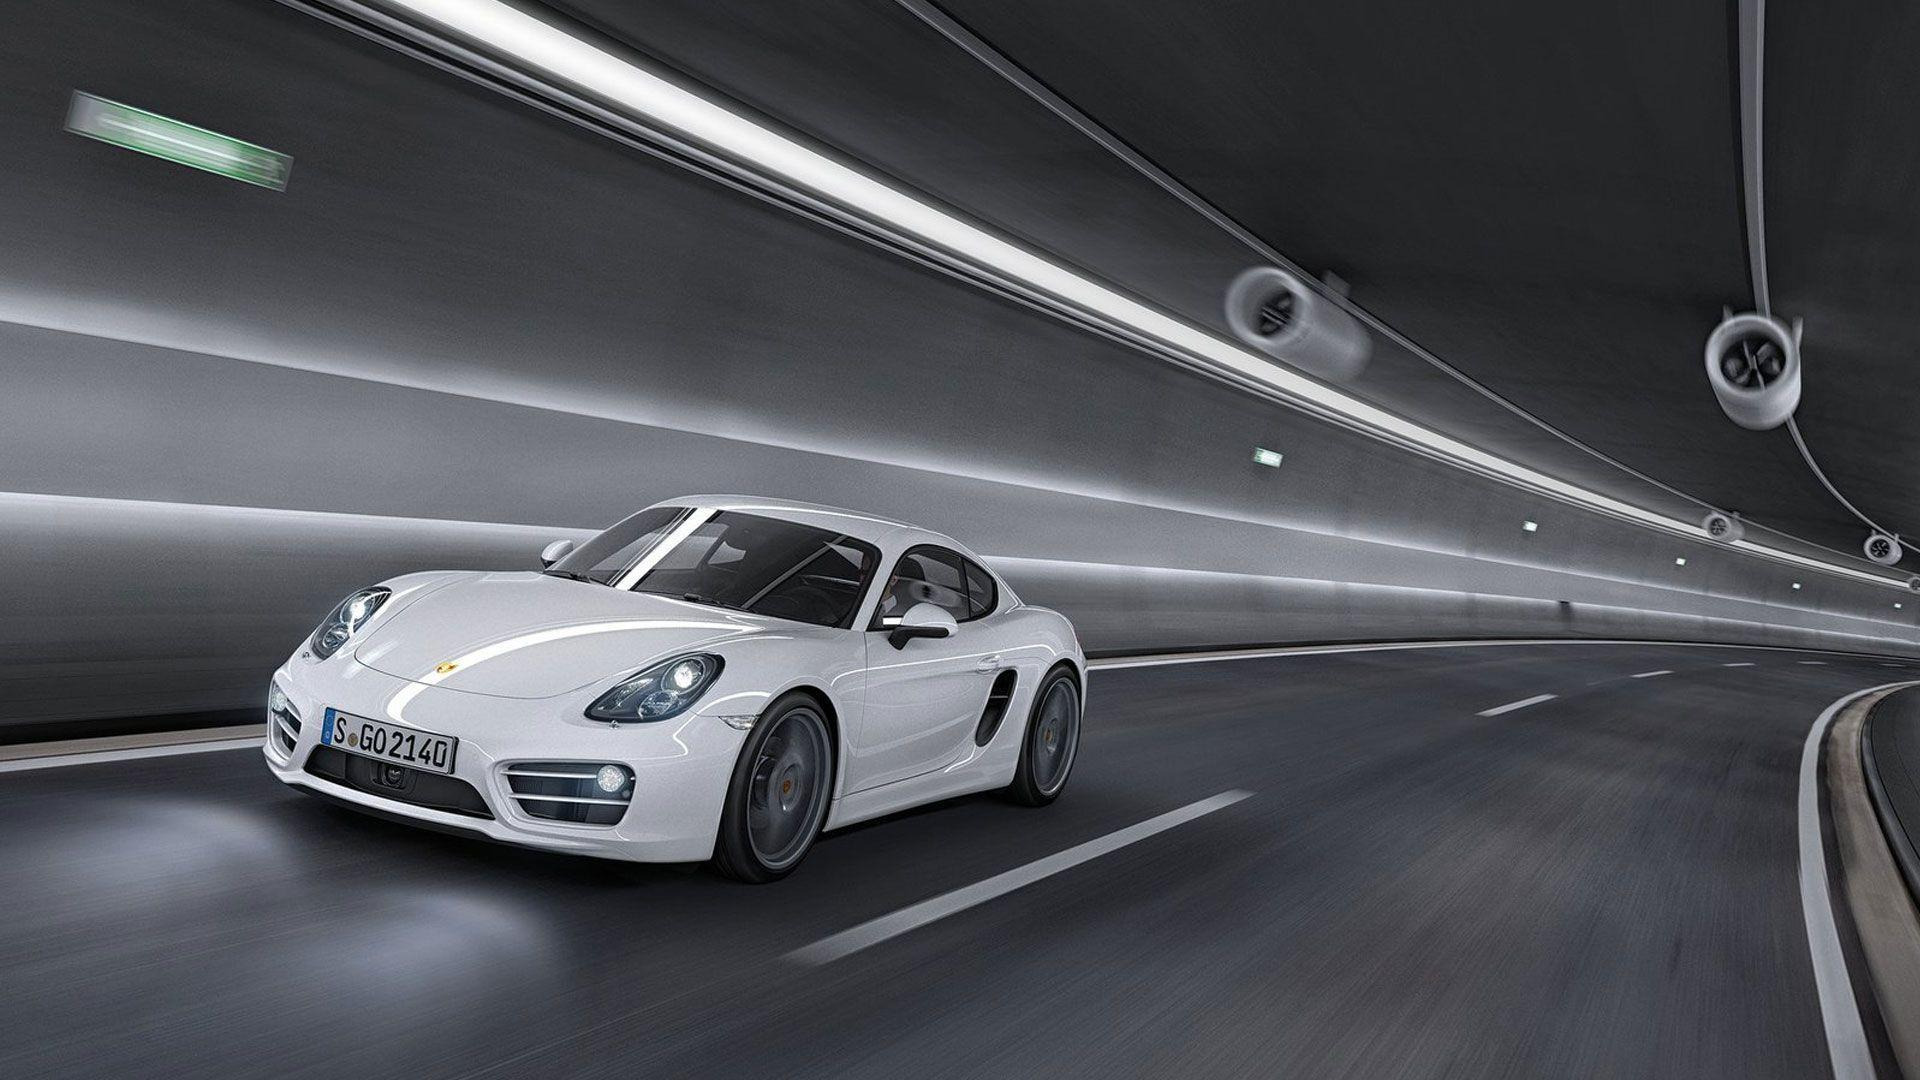 Porsche Cayman Wallpapers Wallpaper Cave